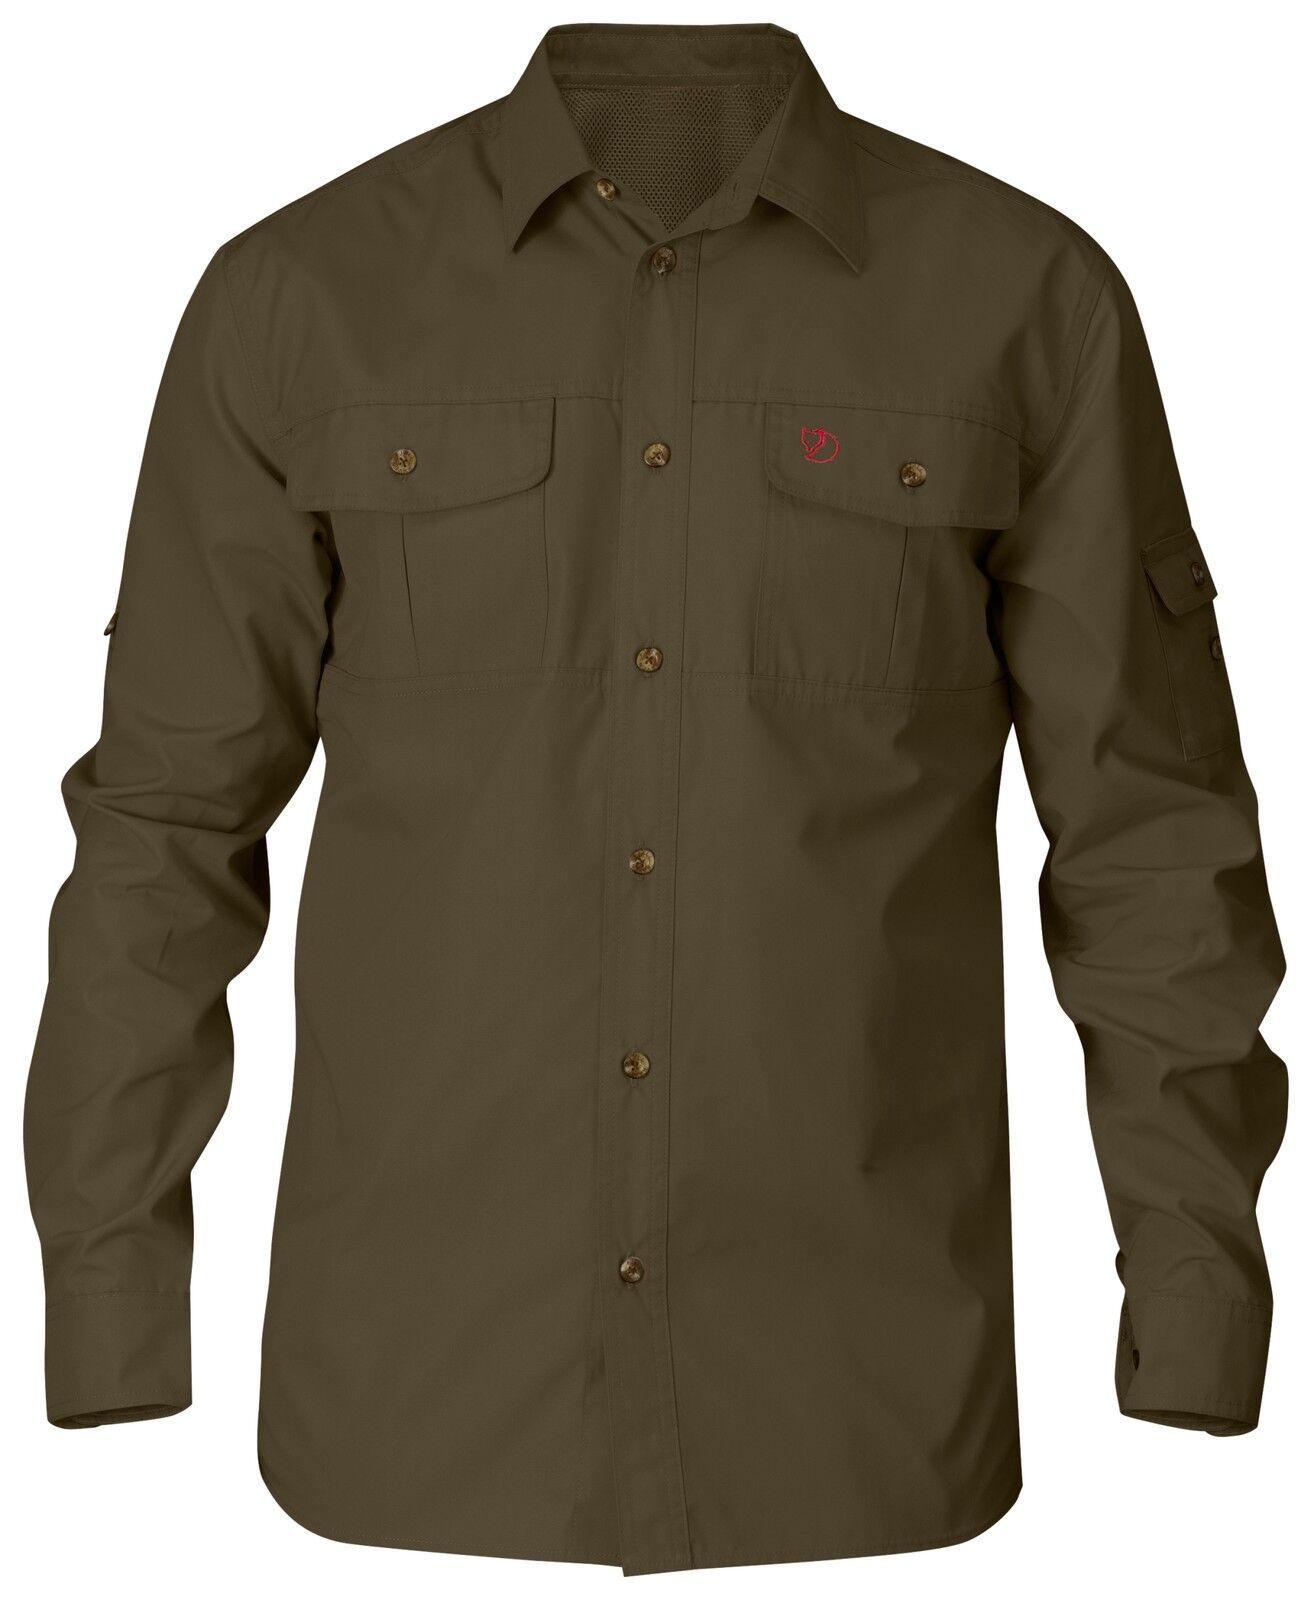 Fjällräven Singi Trekking Shirt  81838 dark oliv  G-1000 Jagdhemd Trekkinghemd